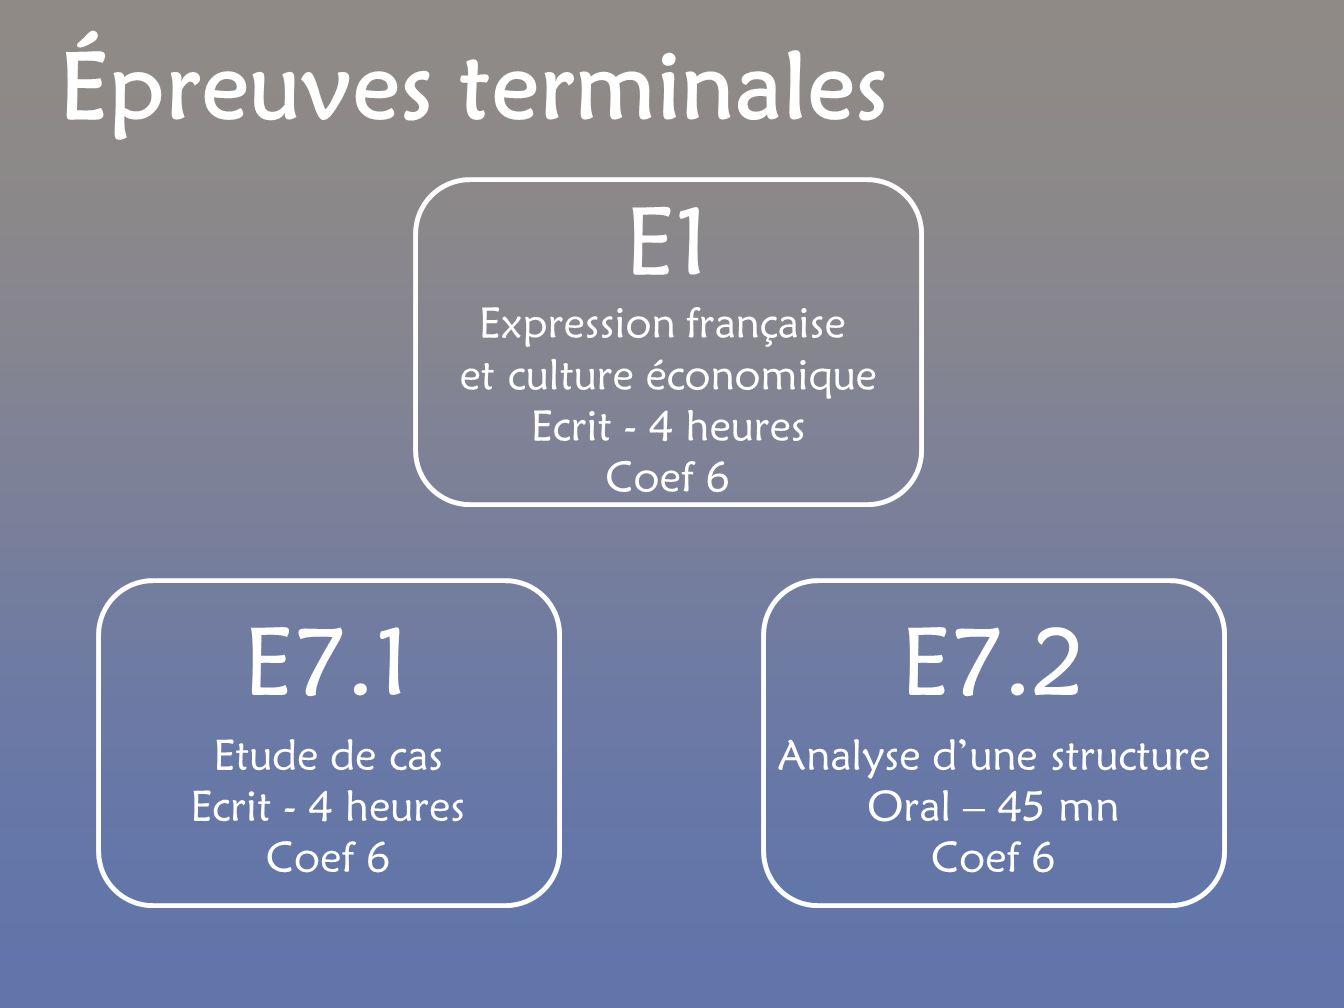 Épreuves terminales E1 Expression française et culture économique Ecrit - 4 heures Coef 6 E7.1 Etude de cas Ecrit - 4 heures Coef 6 E7.2 Analyse dune